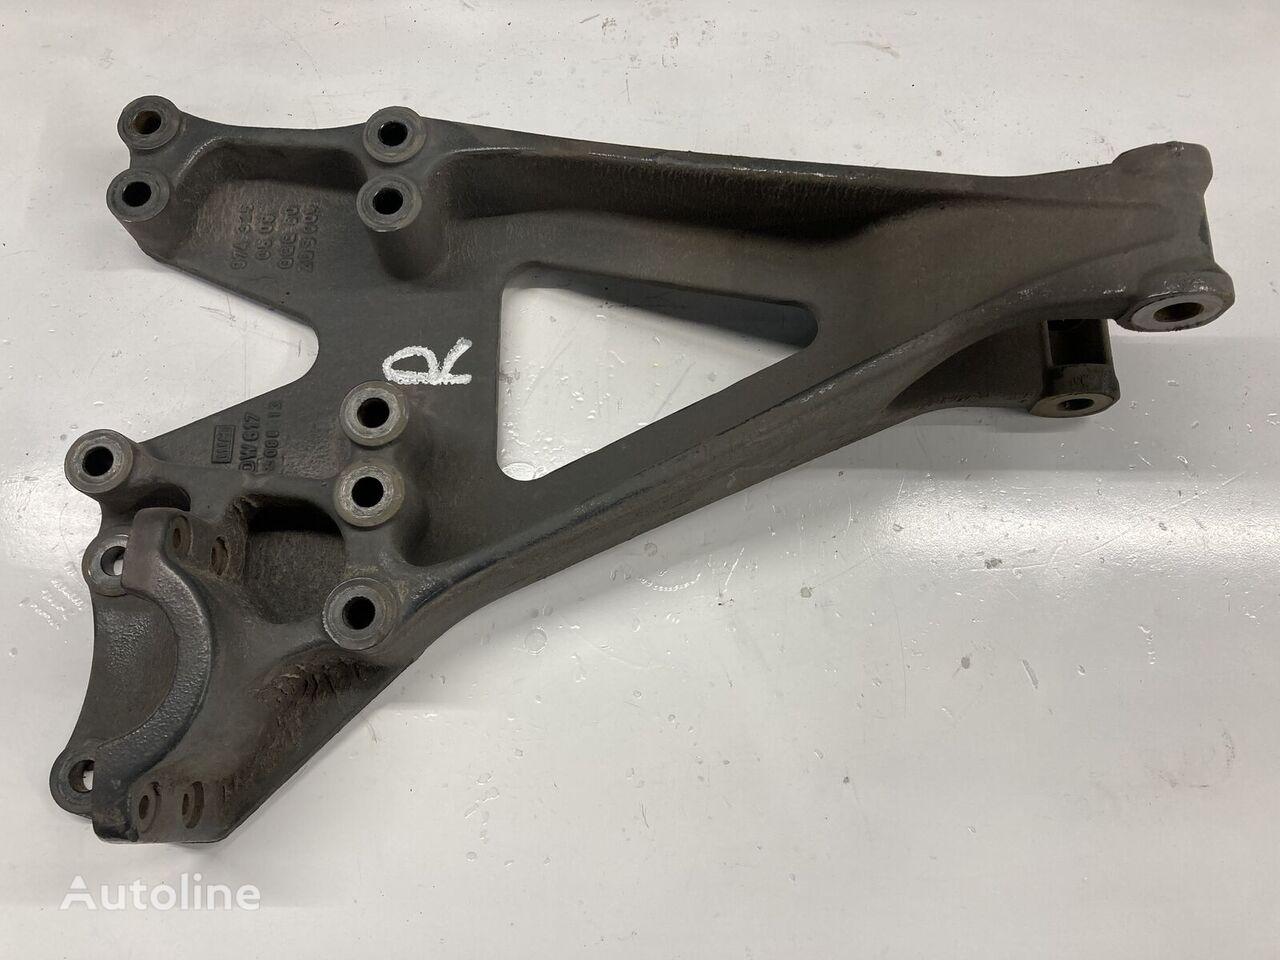 крепежные элементы MERCEDES-BENZ Steun rechts van achterasophanging для грузовика MERCEDES-BENZ Steun rechts van achterasophanging